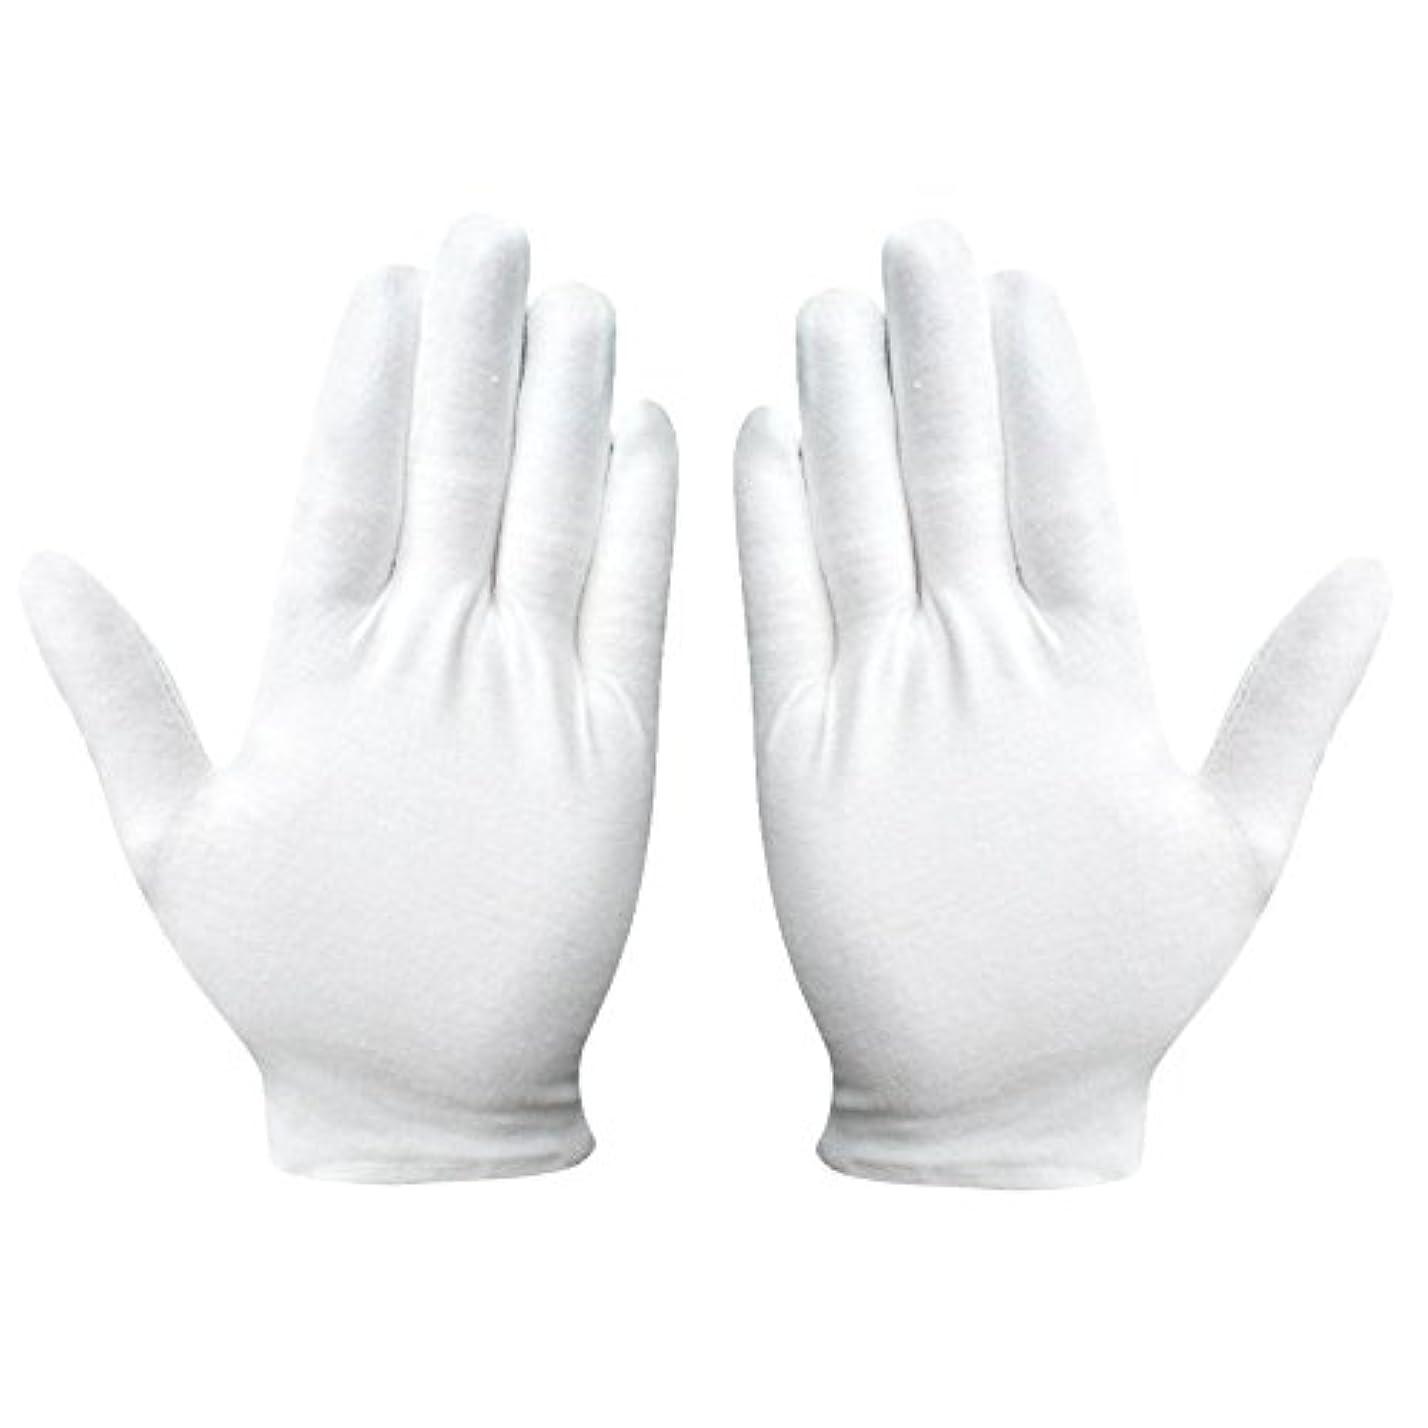 履歴書農奴教義綿手袋 純綿 コットン手袋 白手袋 薄手 通気性 手荒れ予防 【湿疹用 乾燥肌用 保湿用 礼装用】12双組